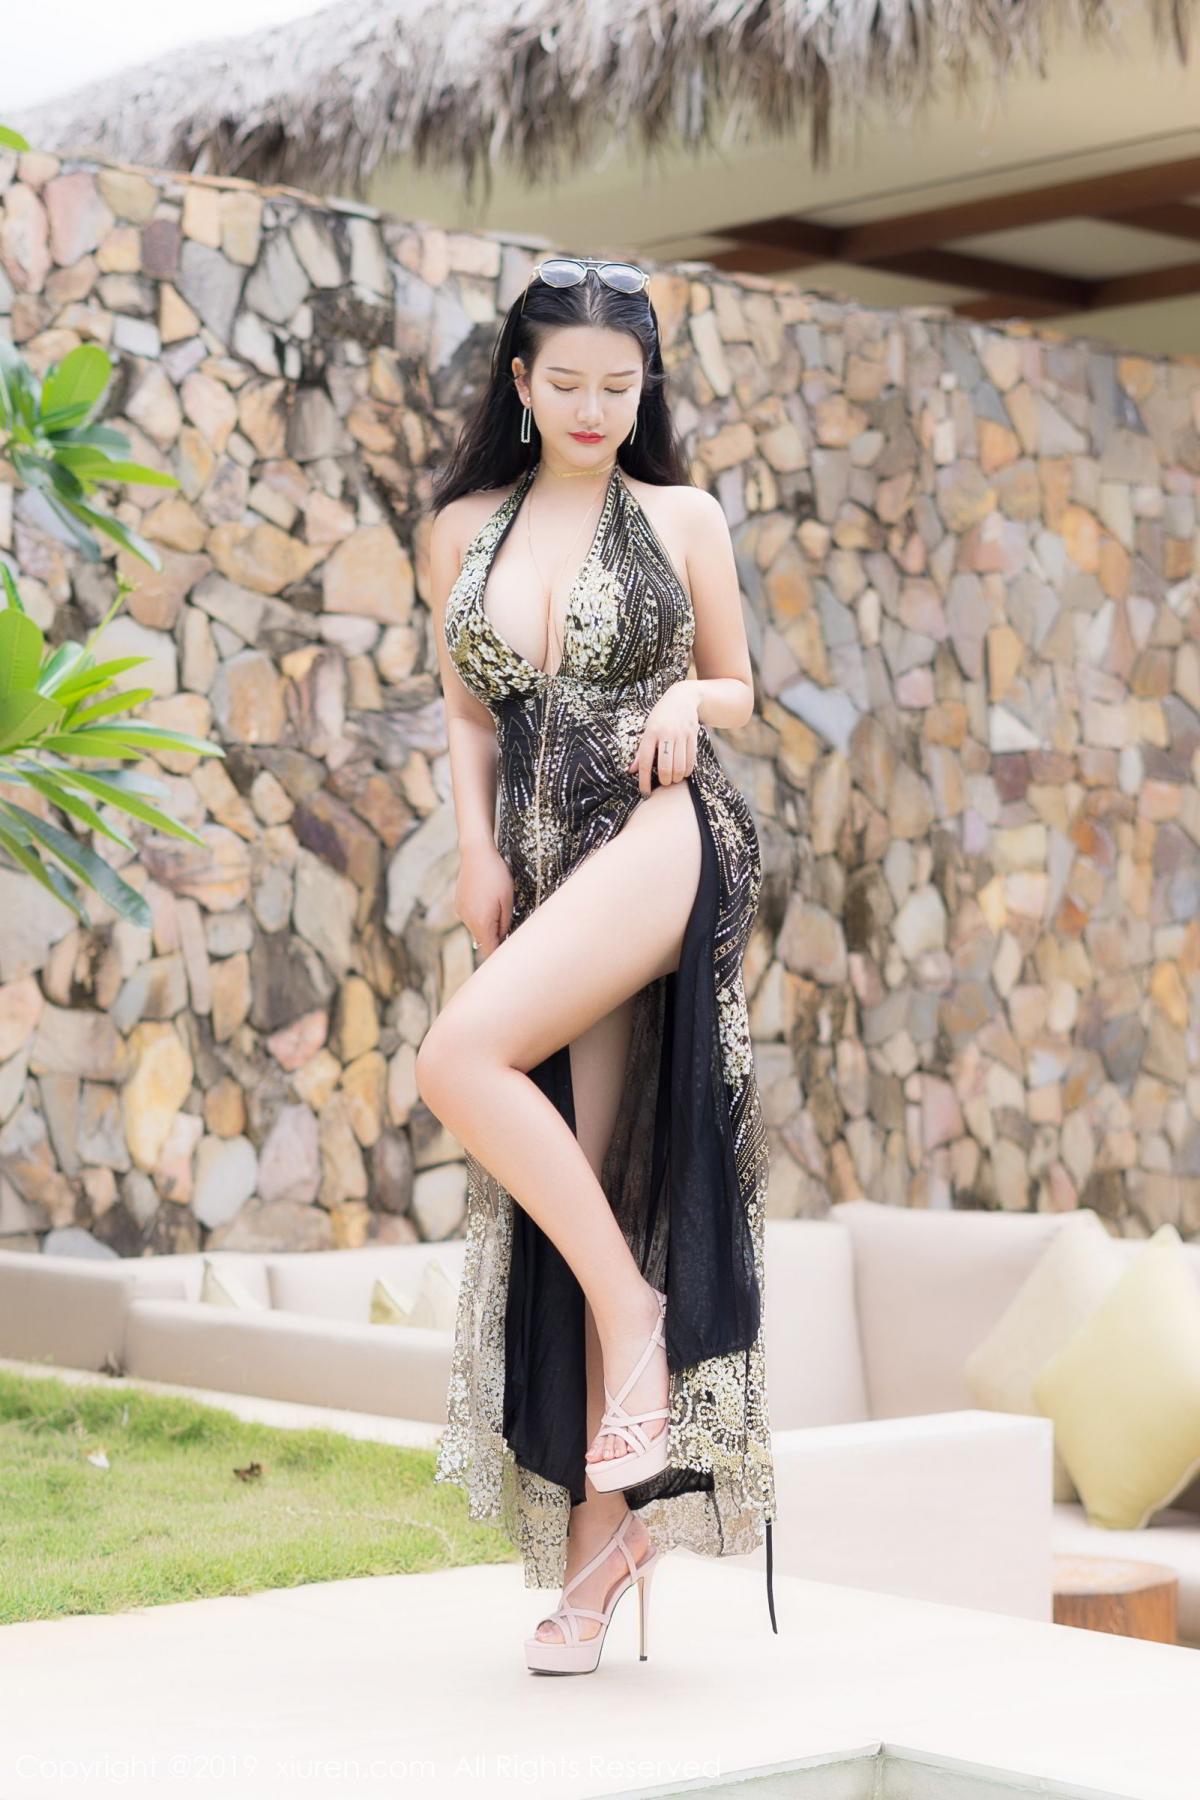 [XiuRen] Vol.1726 Lu Lu Xiao Miao 11P, Lu Lu Xiao Miao, Outdoor, Swim Pool, Xiuren